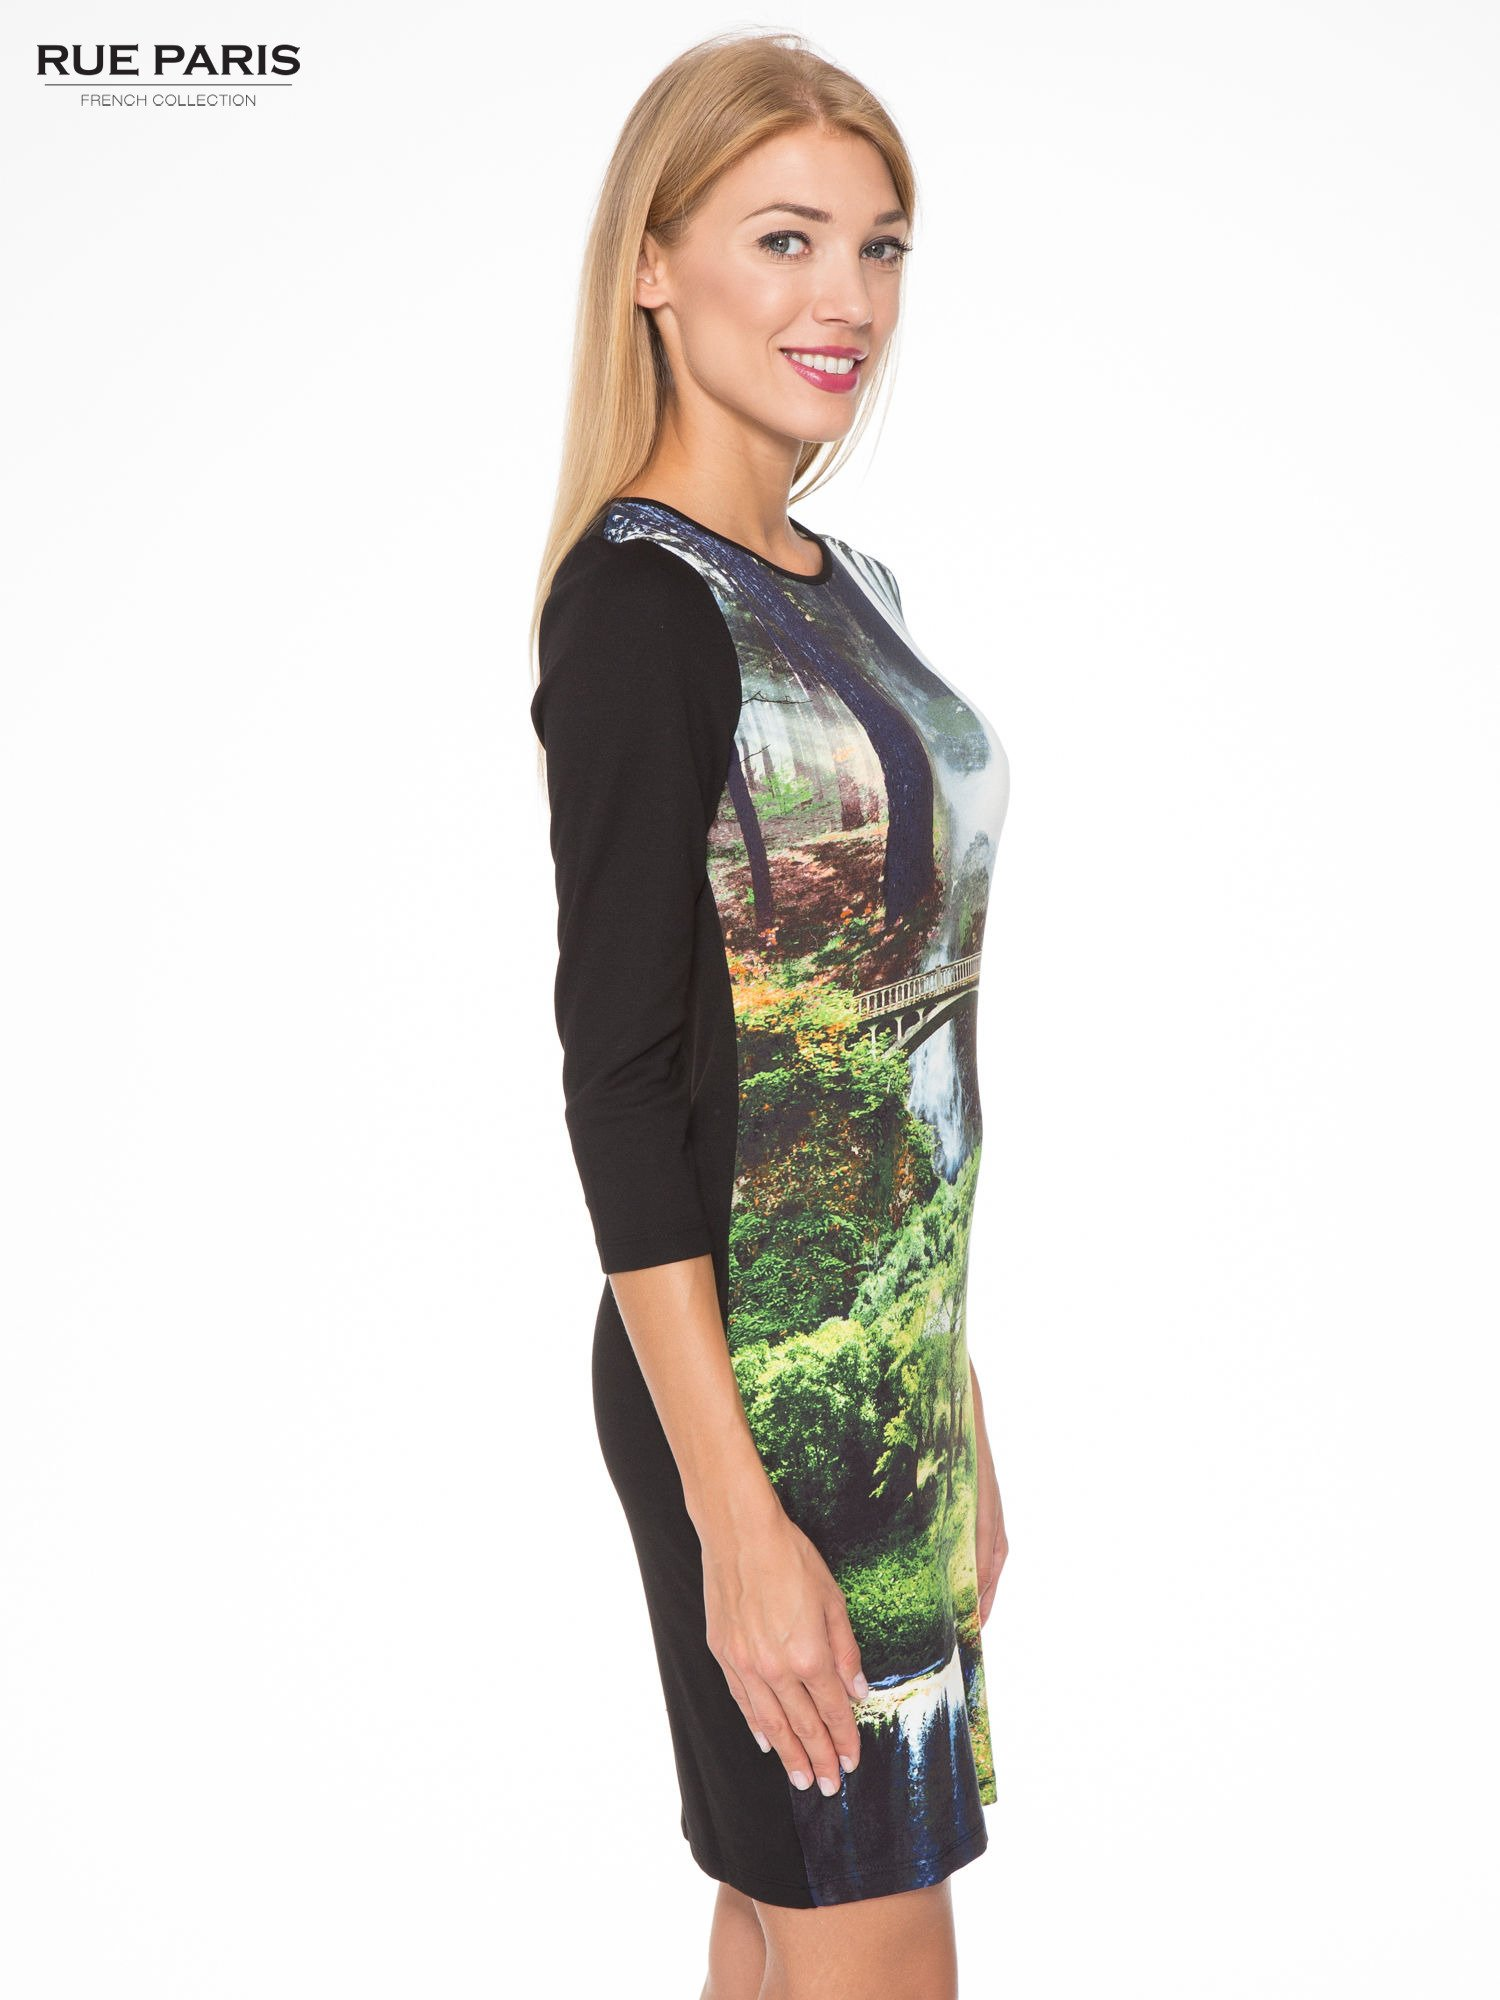 Czarna sukienka z fotograficznym nadrukiem krajobrazu                                  zdj.                                  3